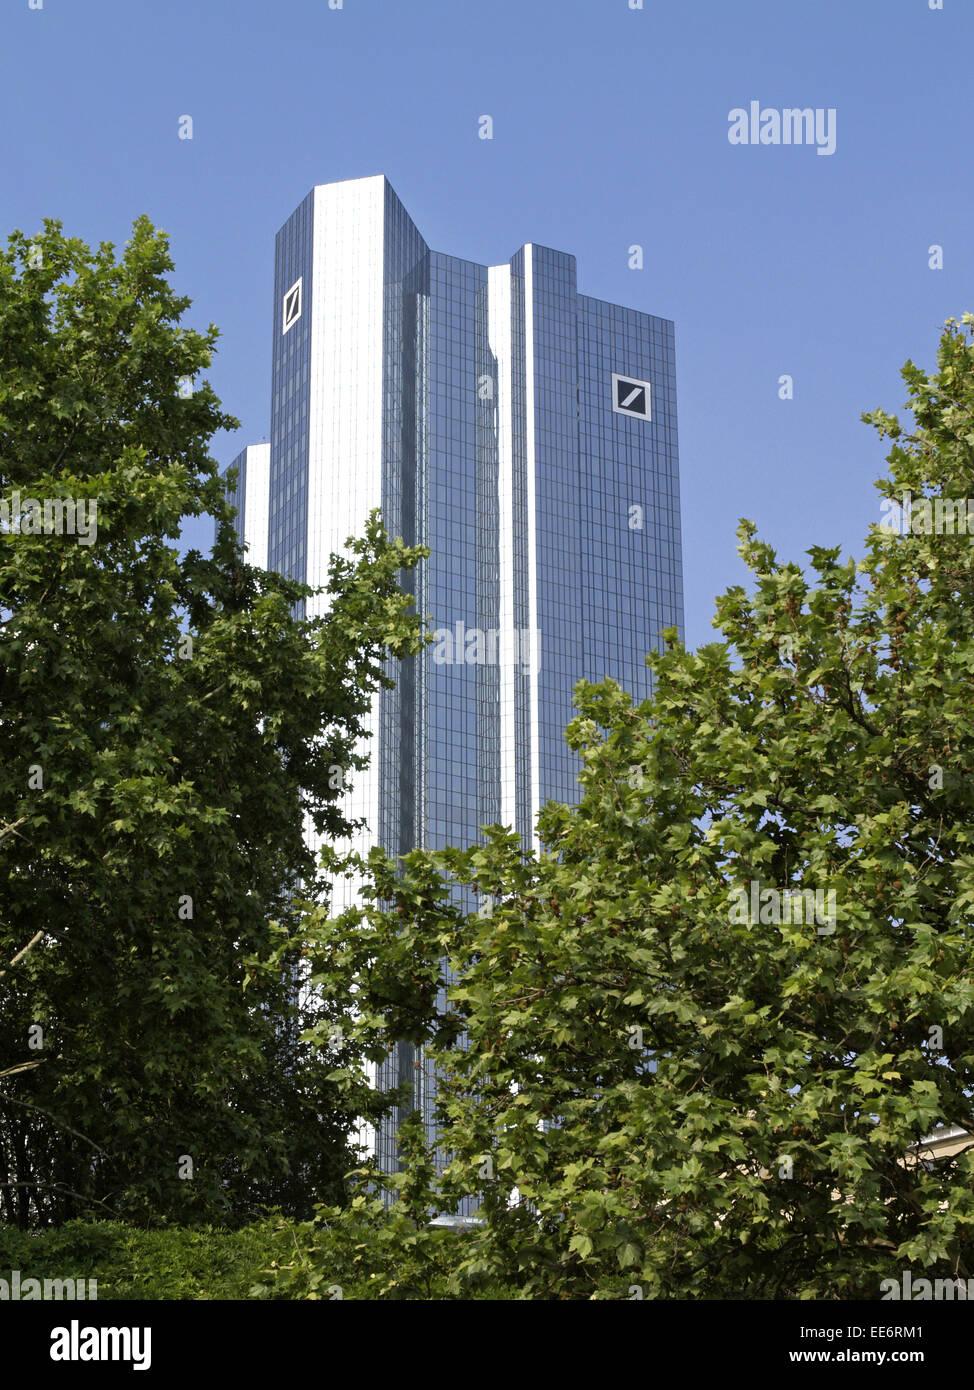 Deutschland, Hessen, Frankfurt am Main, Geschaeftsviertel, Bankhochhaeuser, Europa, Westdeutschland, Weltstadt, - Stock Image